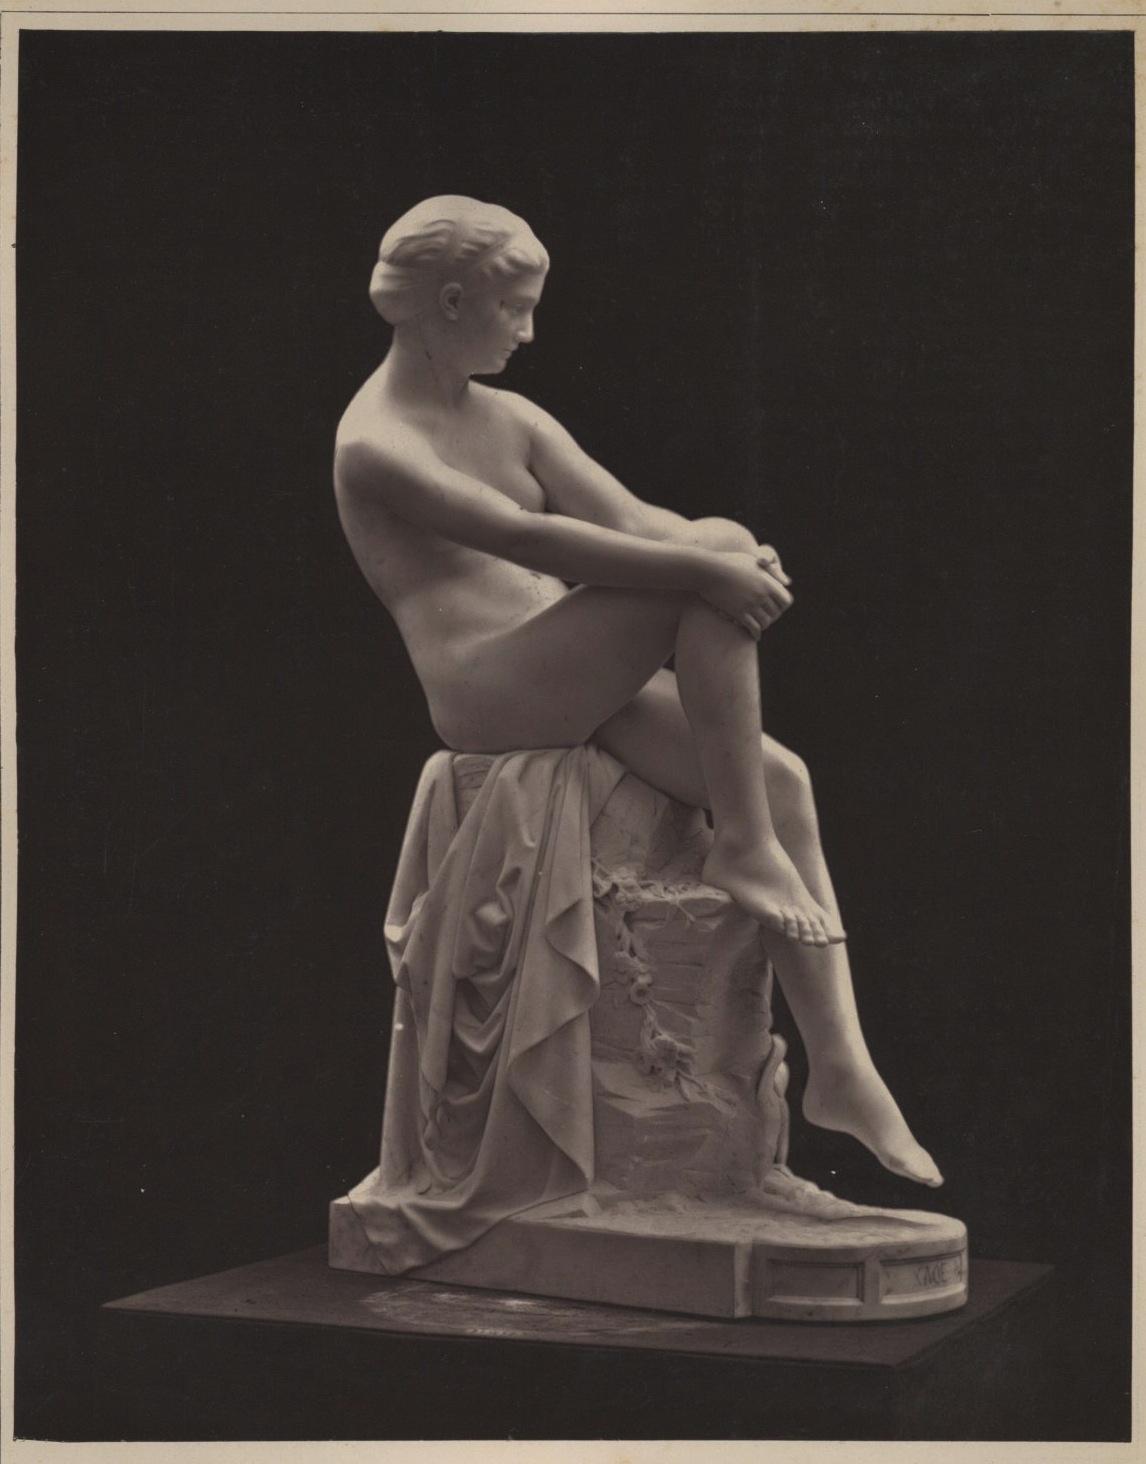 Goupil, France, Vasselot, Chloé Photographie originale / Original photograph Photographie,Vintage Print, Galerie Contemporaine // Circa 1880 // Photoglyptie // Format (cm): 18x24